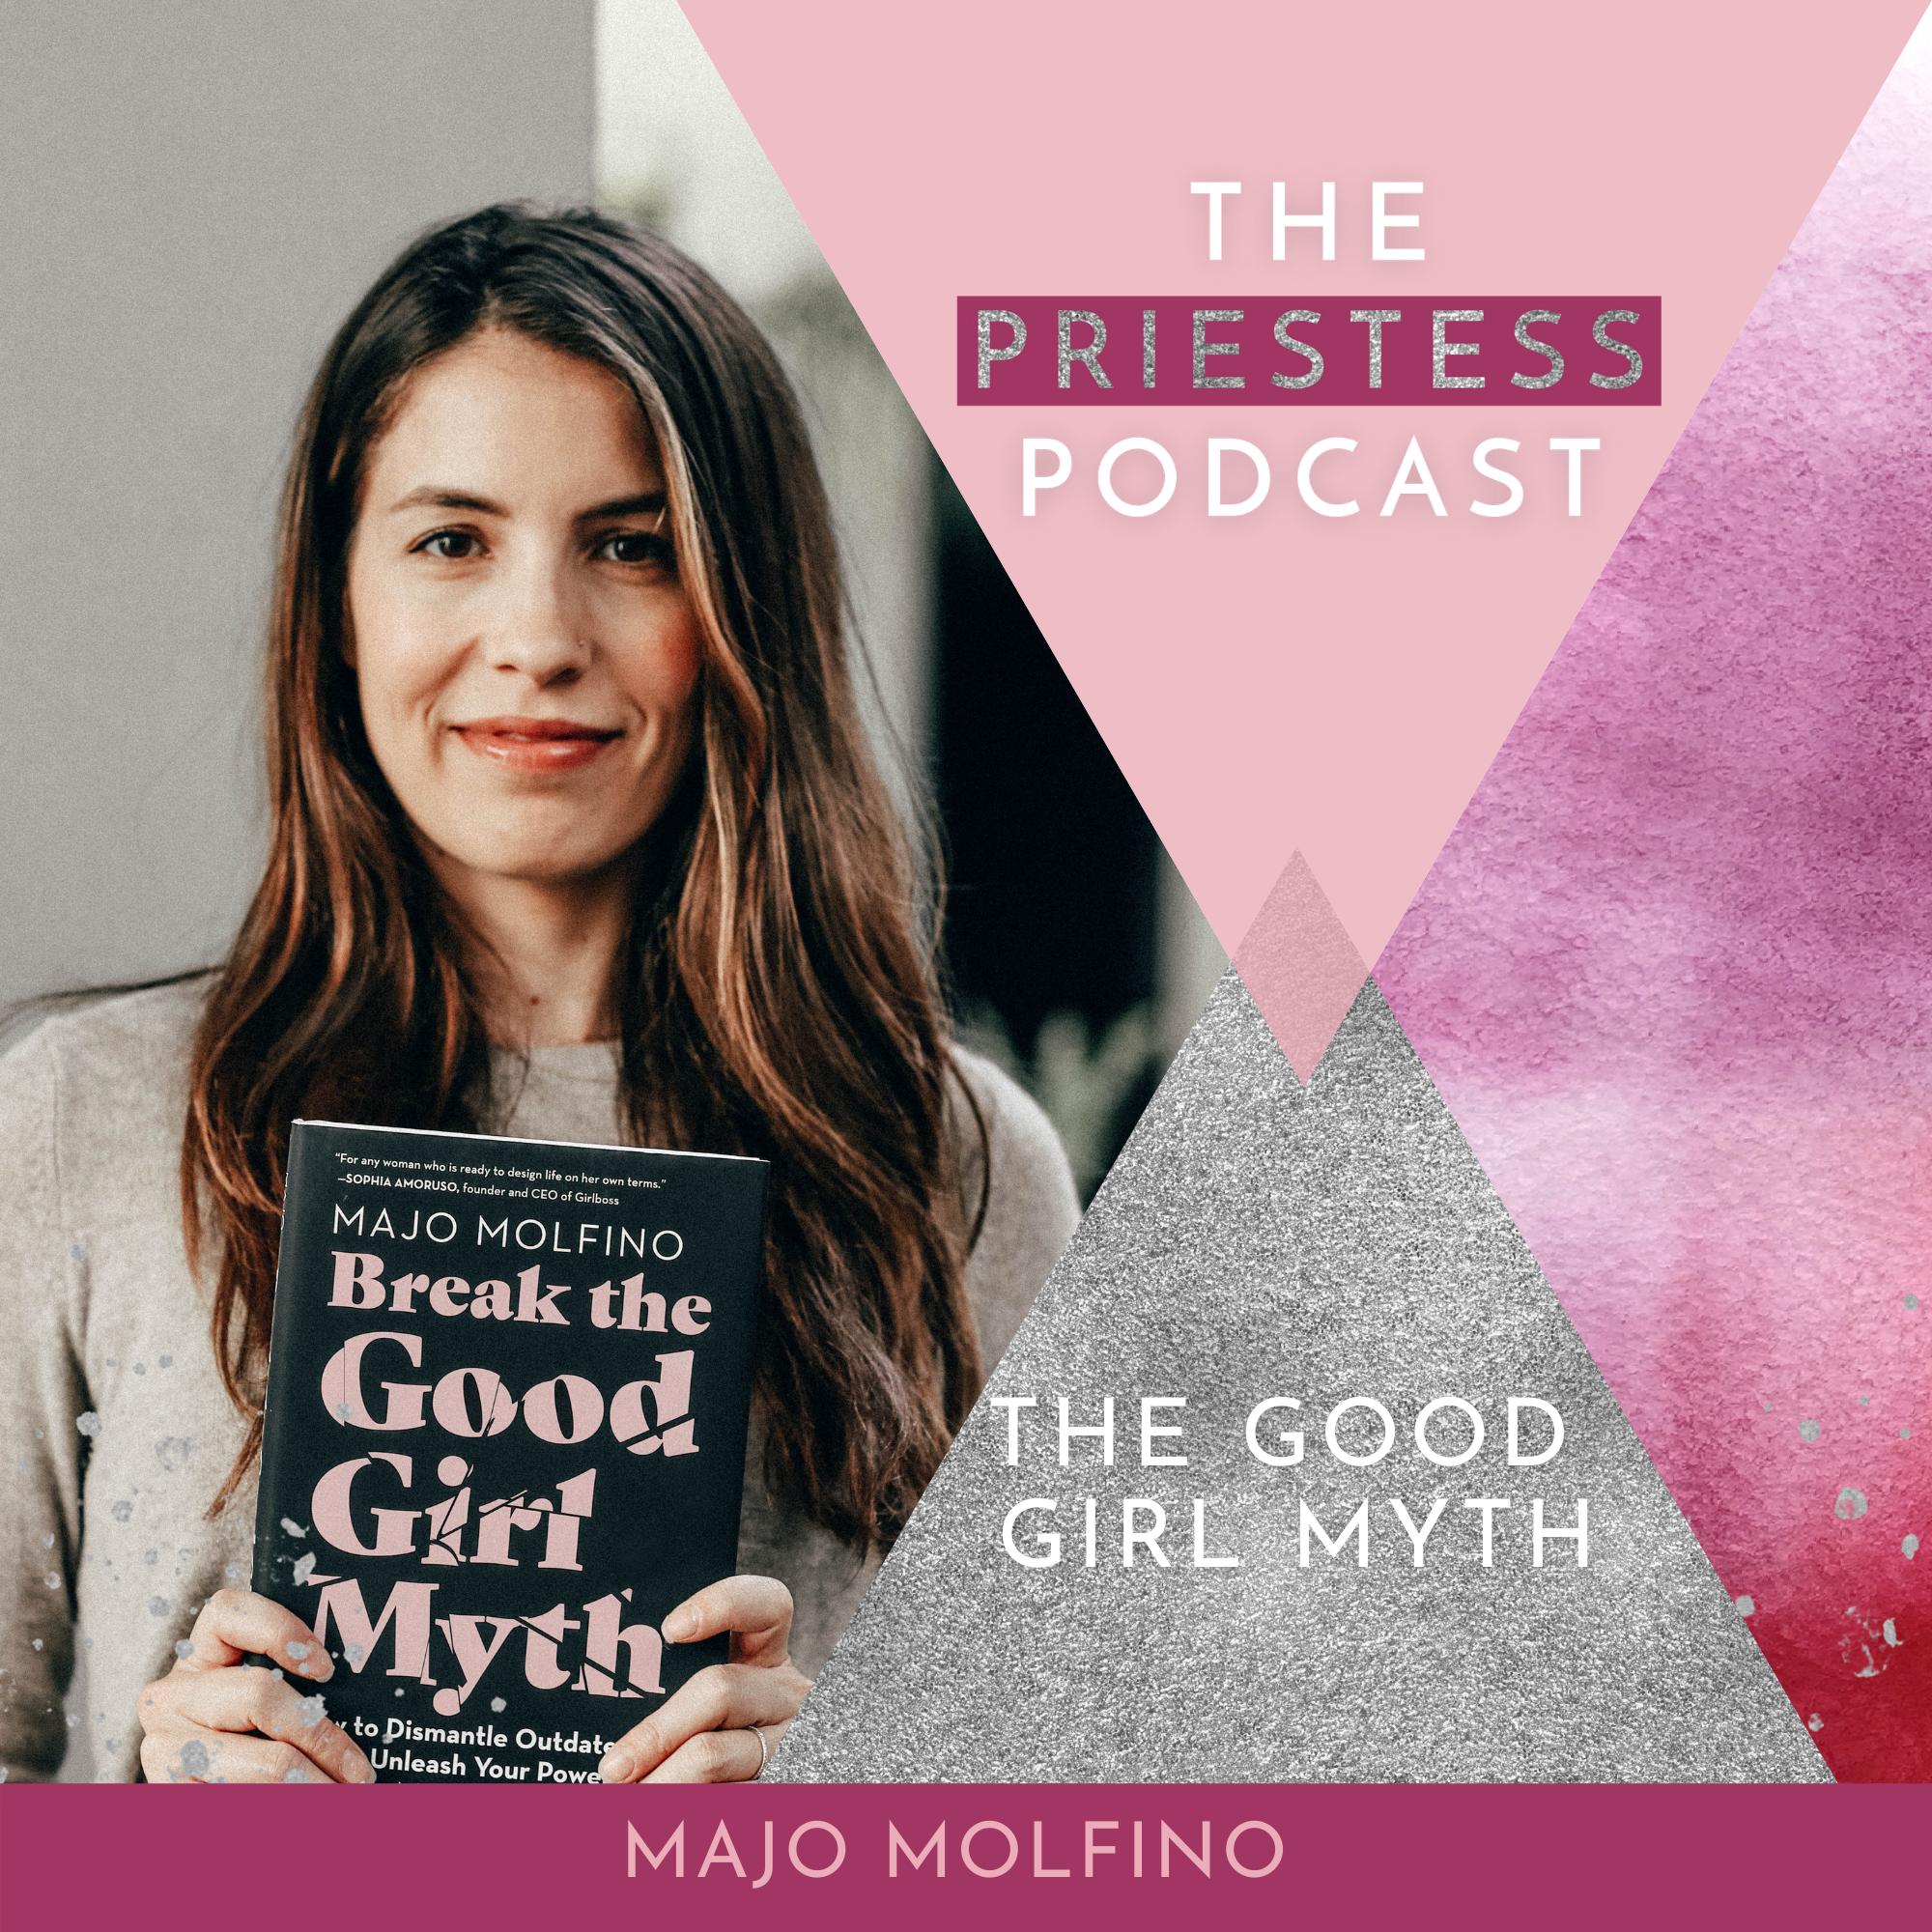 Majo Molfino on The Good Girl Myth